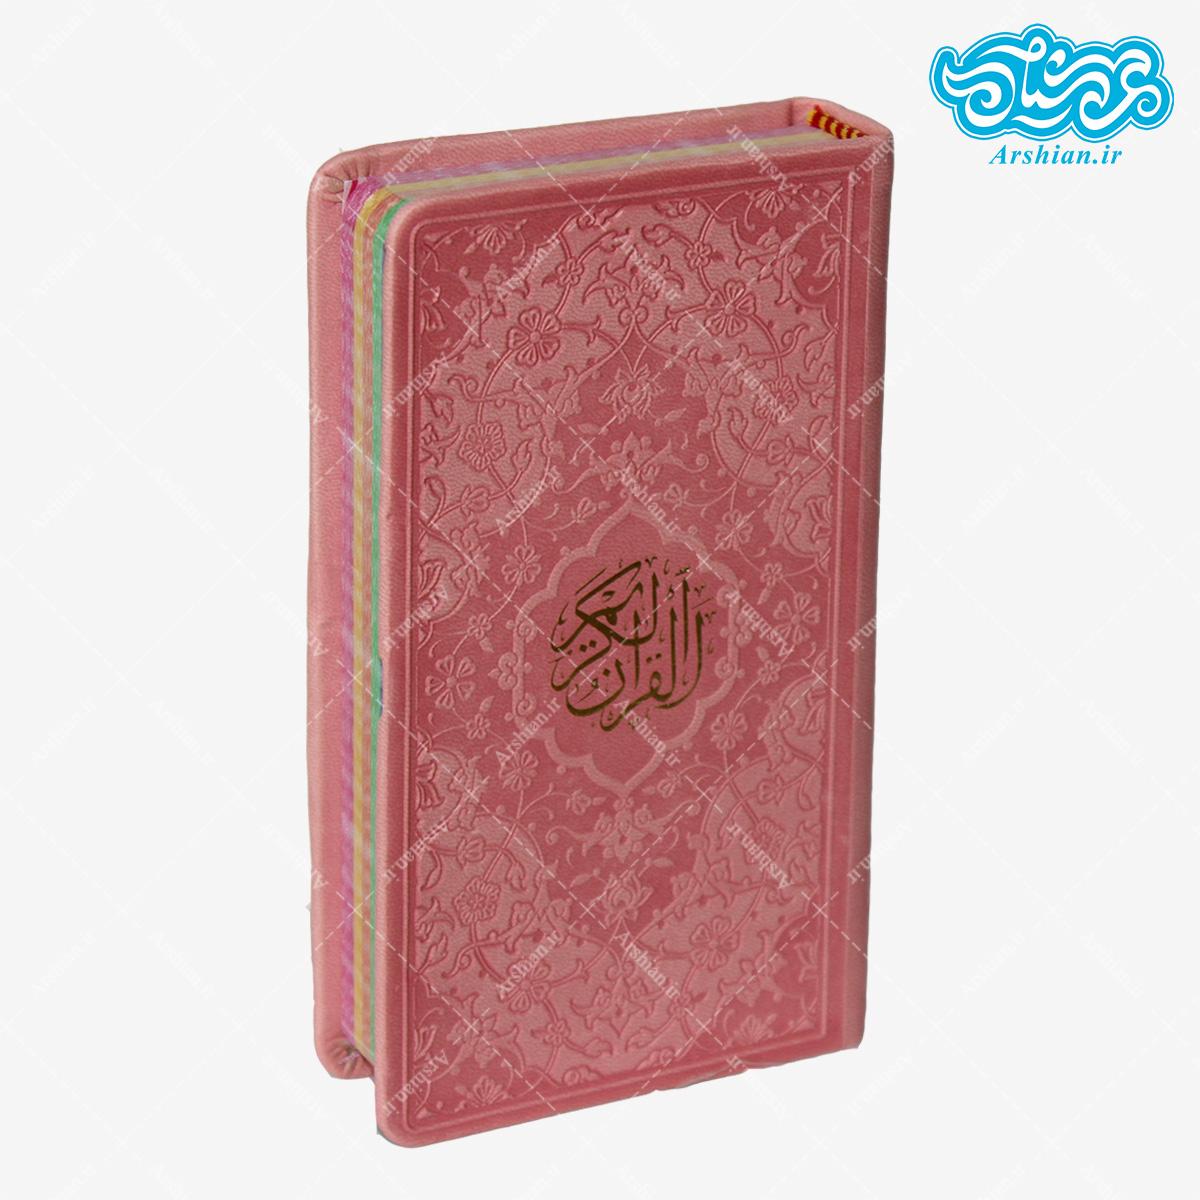 قرآن پالتویی صفحه رنگی